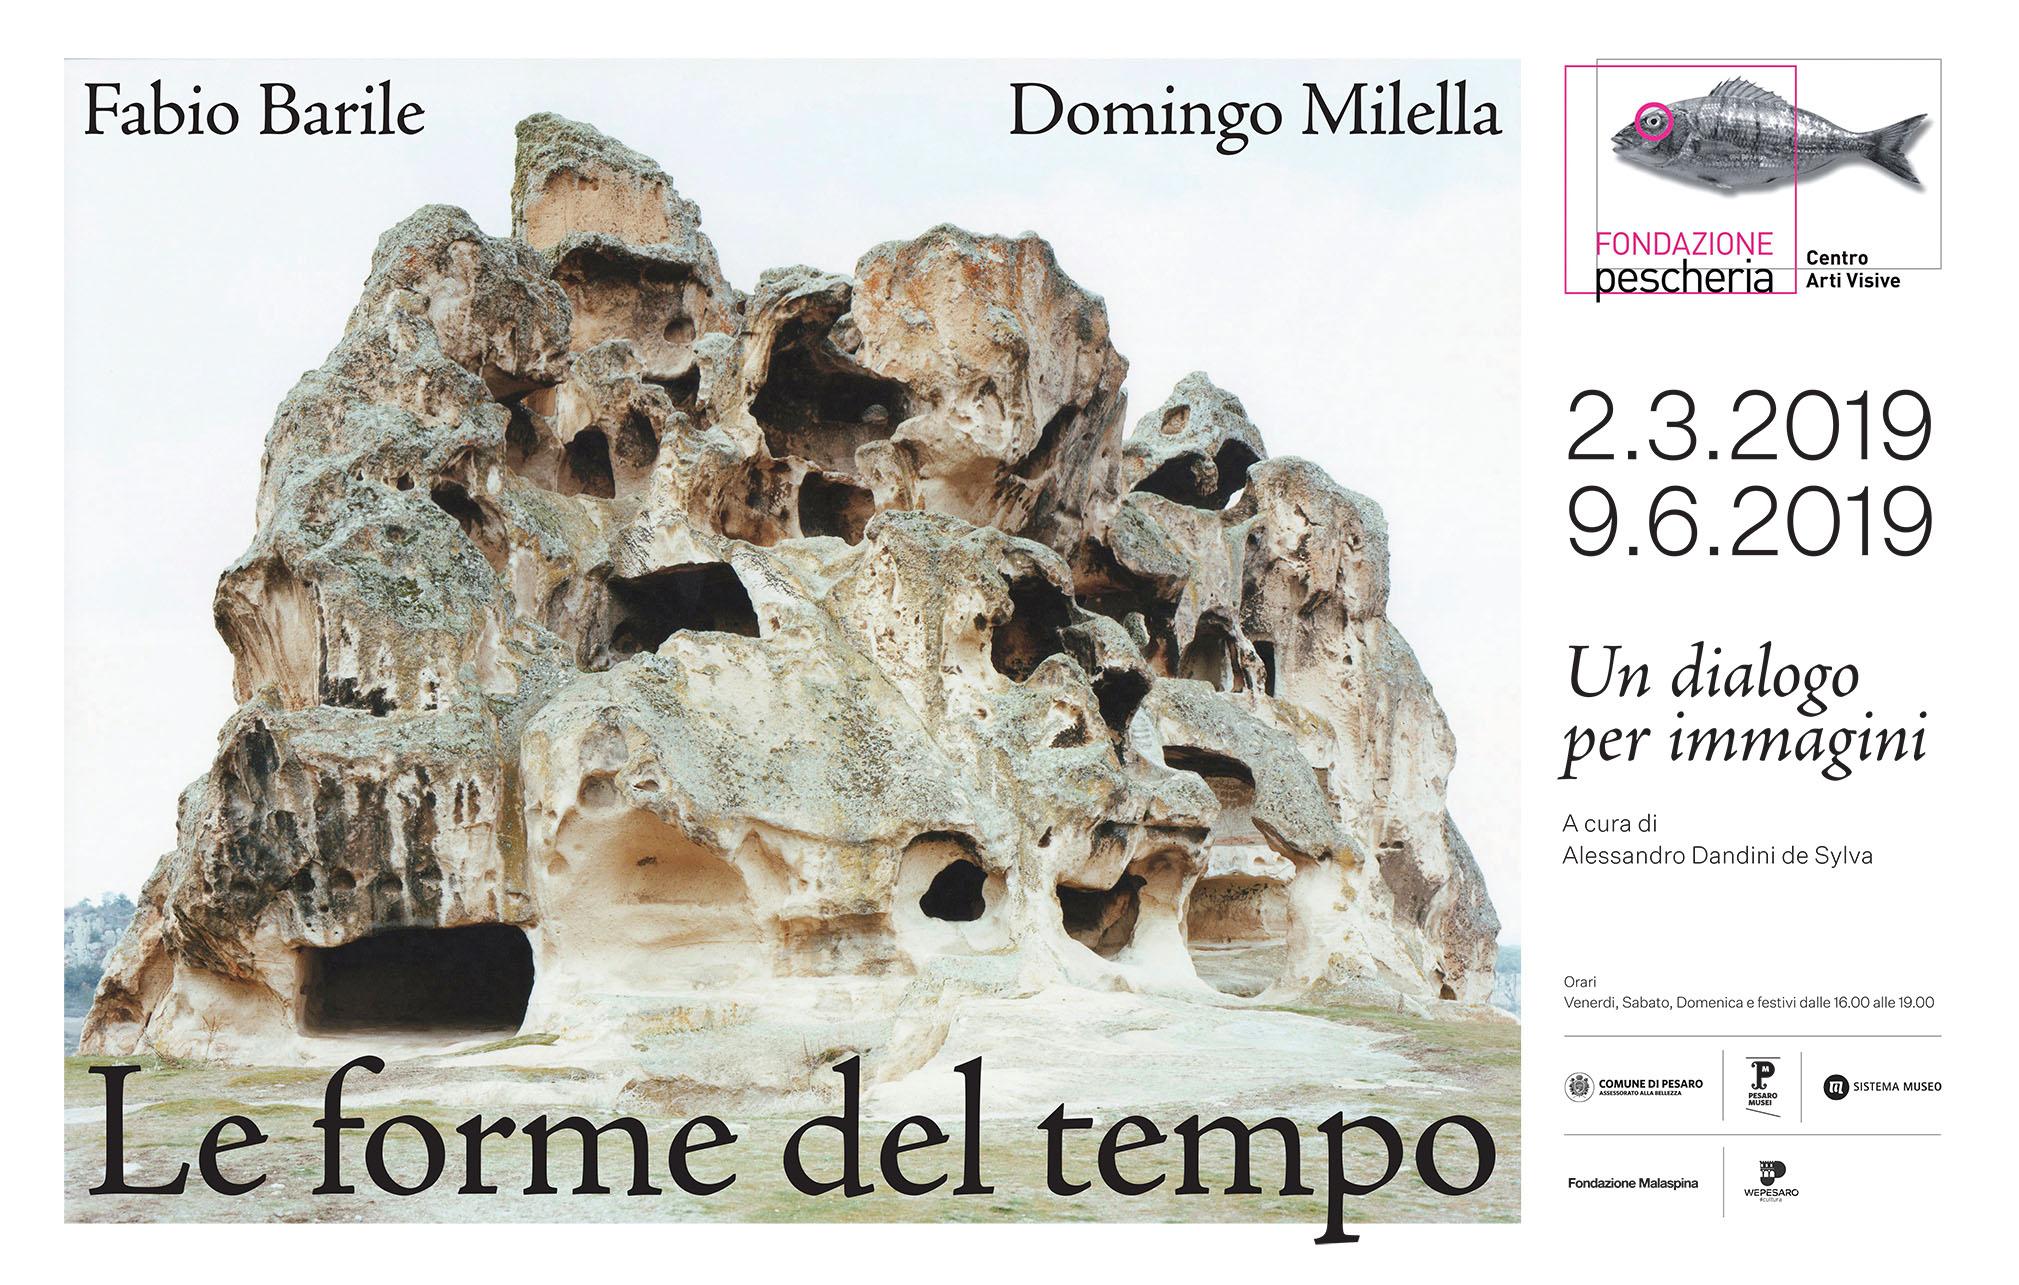 Fabio Barile e Domingo Milella: Le forme del tempo Un dialogo per immagini_stendardo